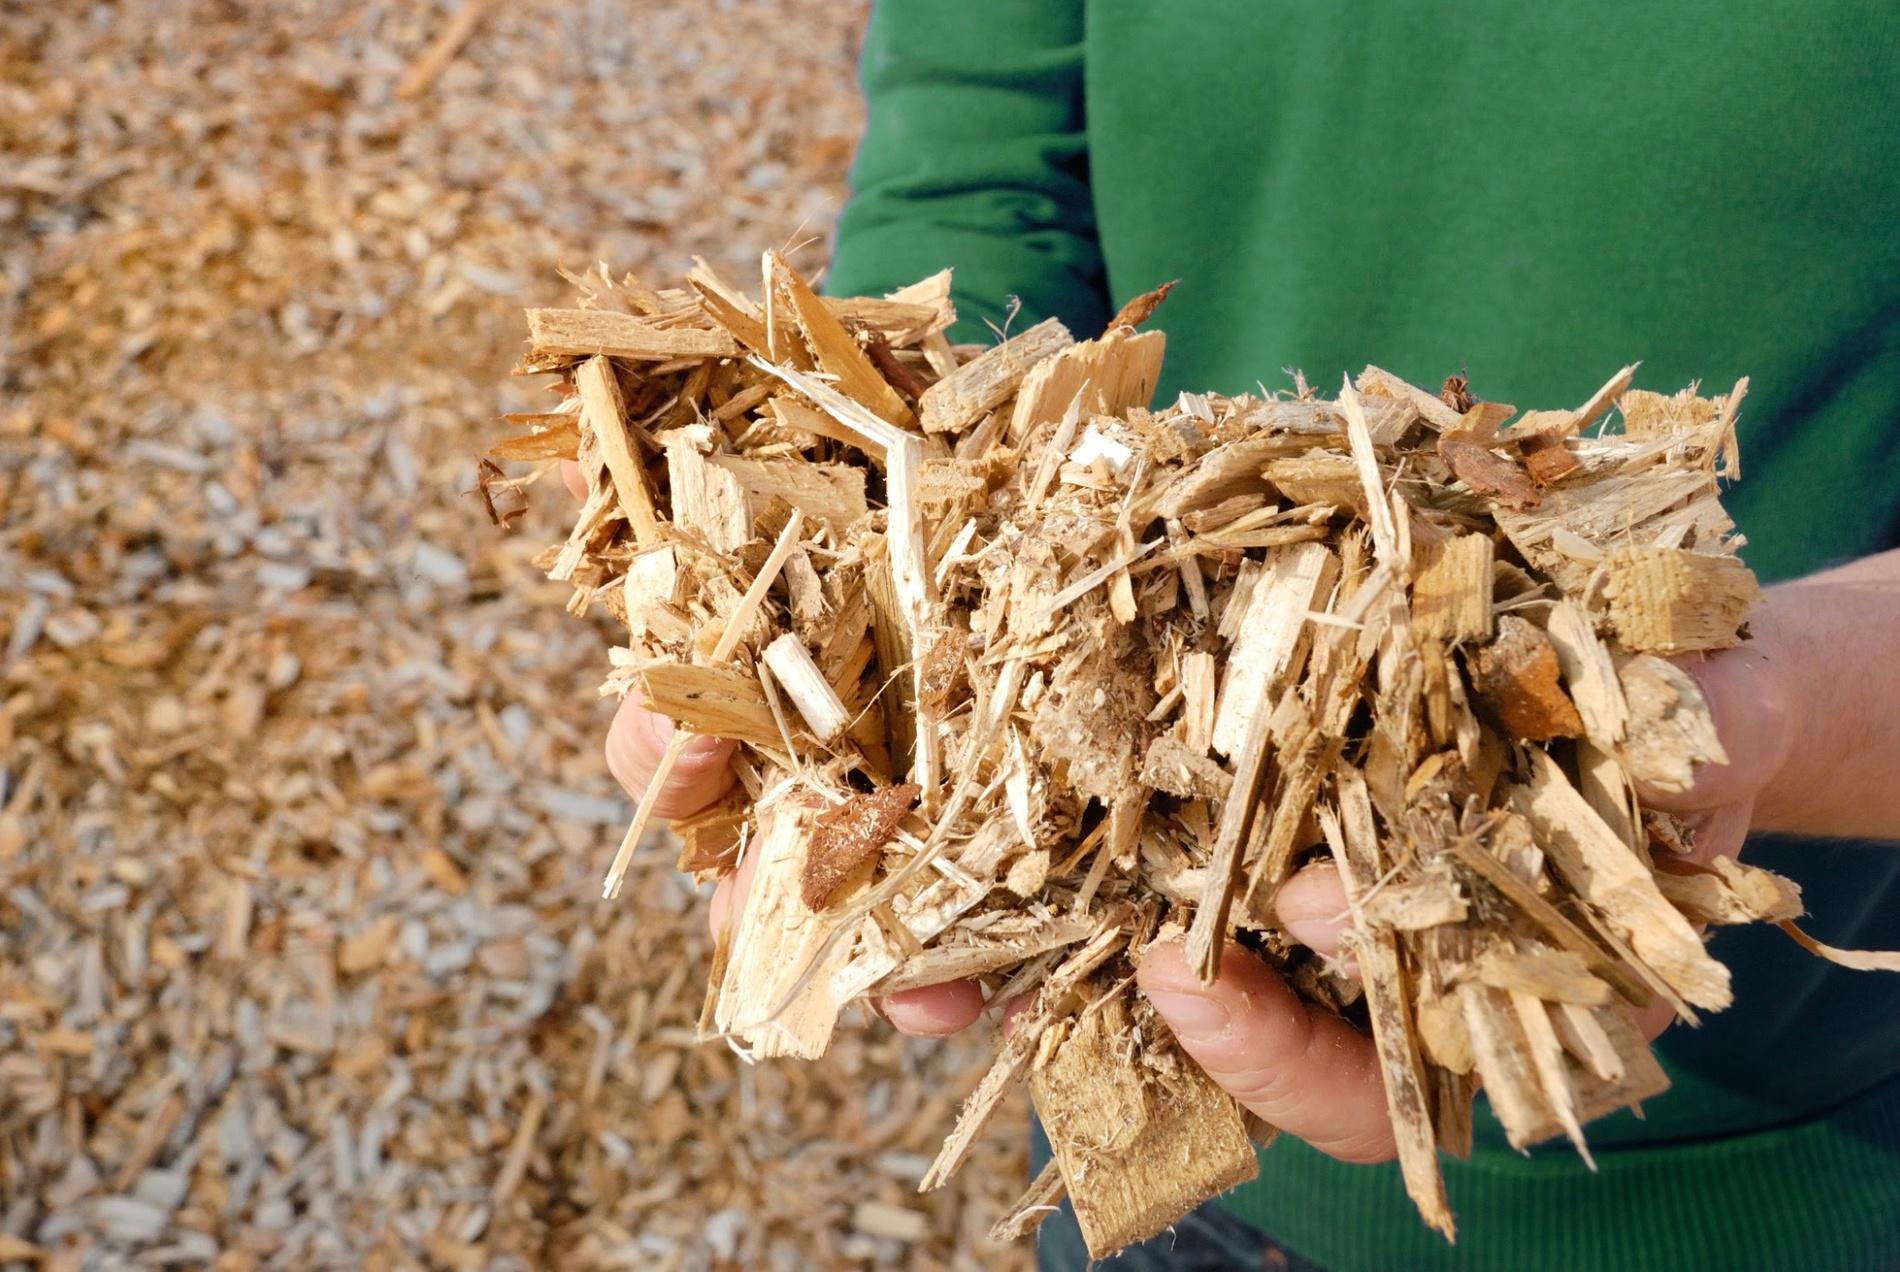 Les avantages environnementaux du bois